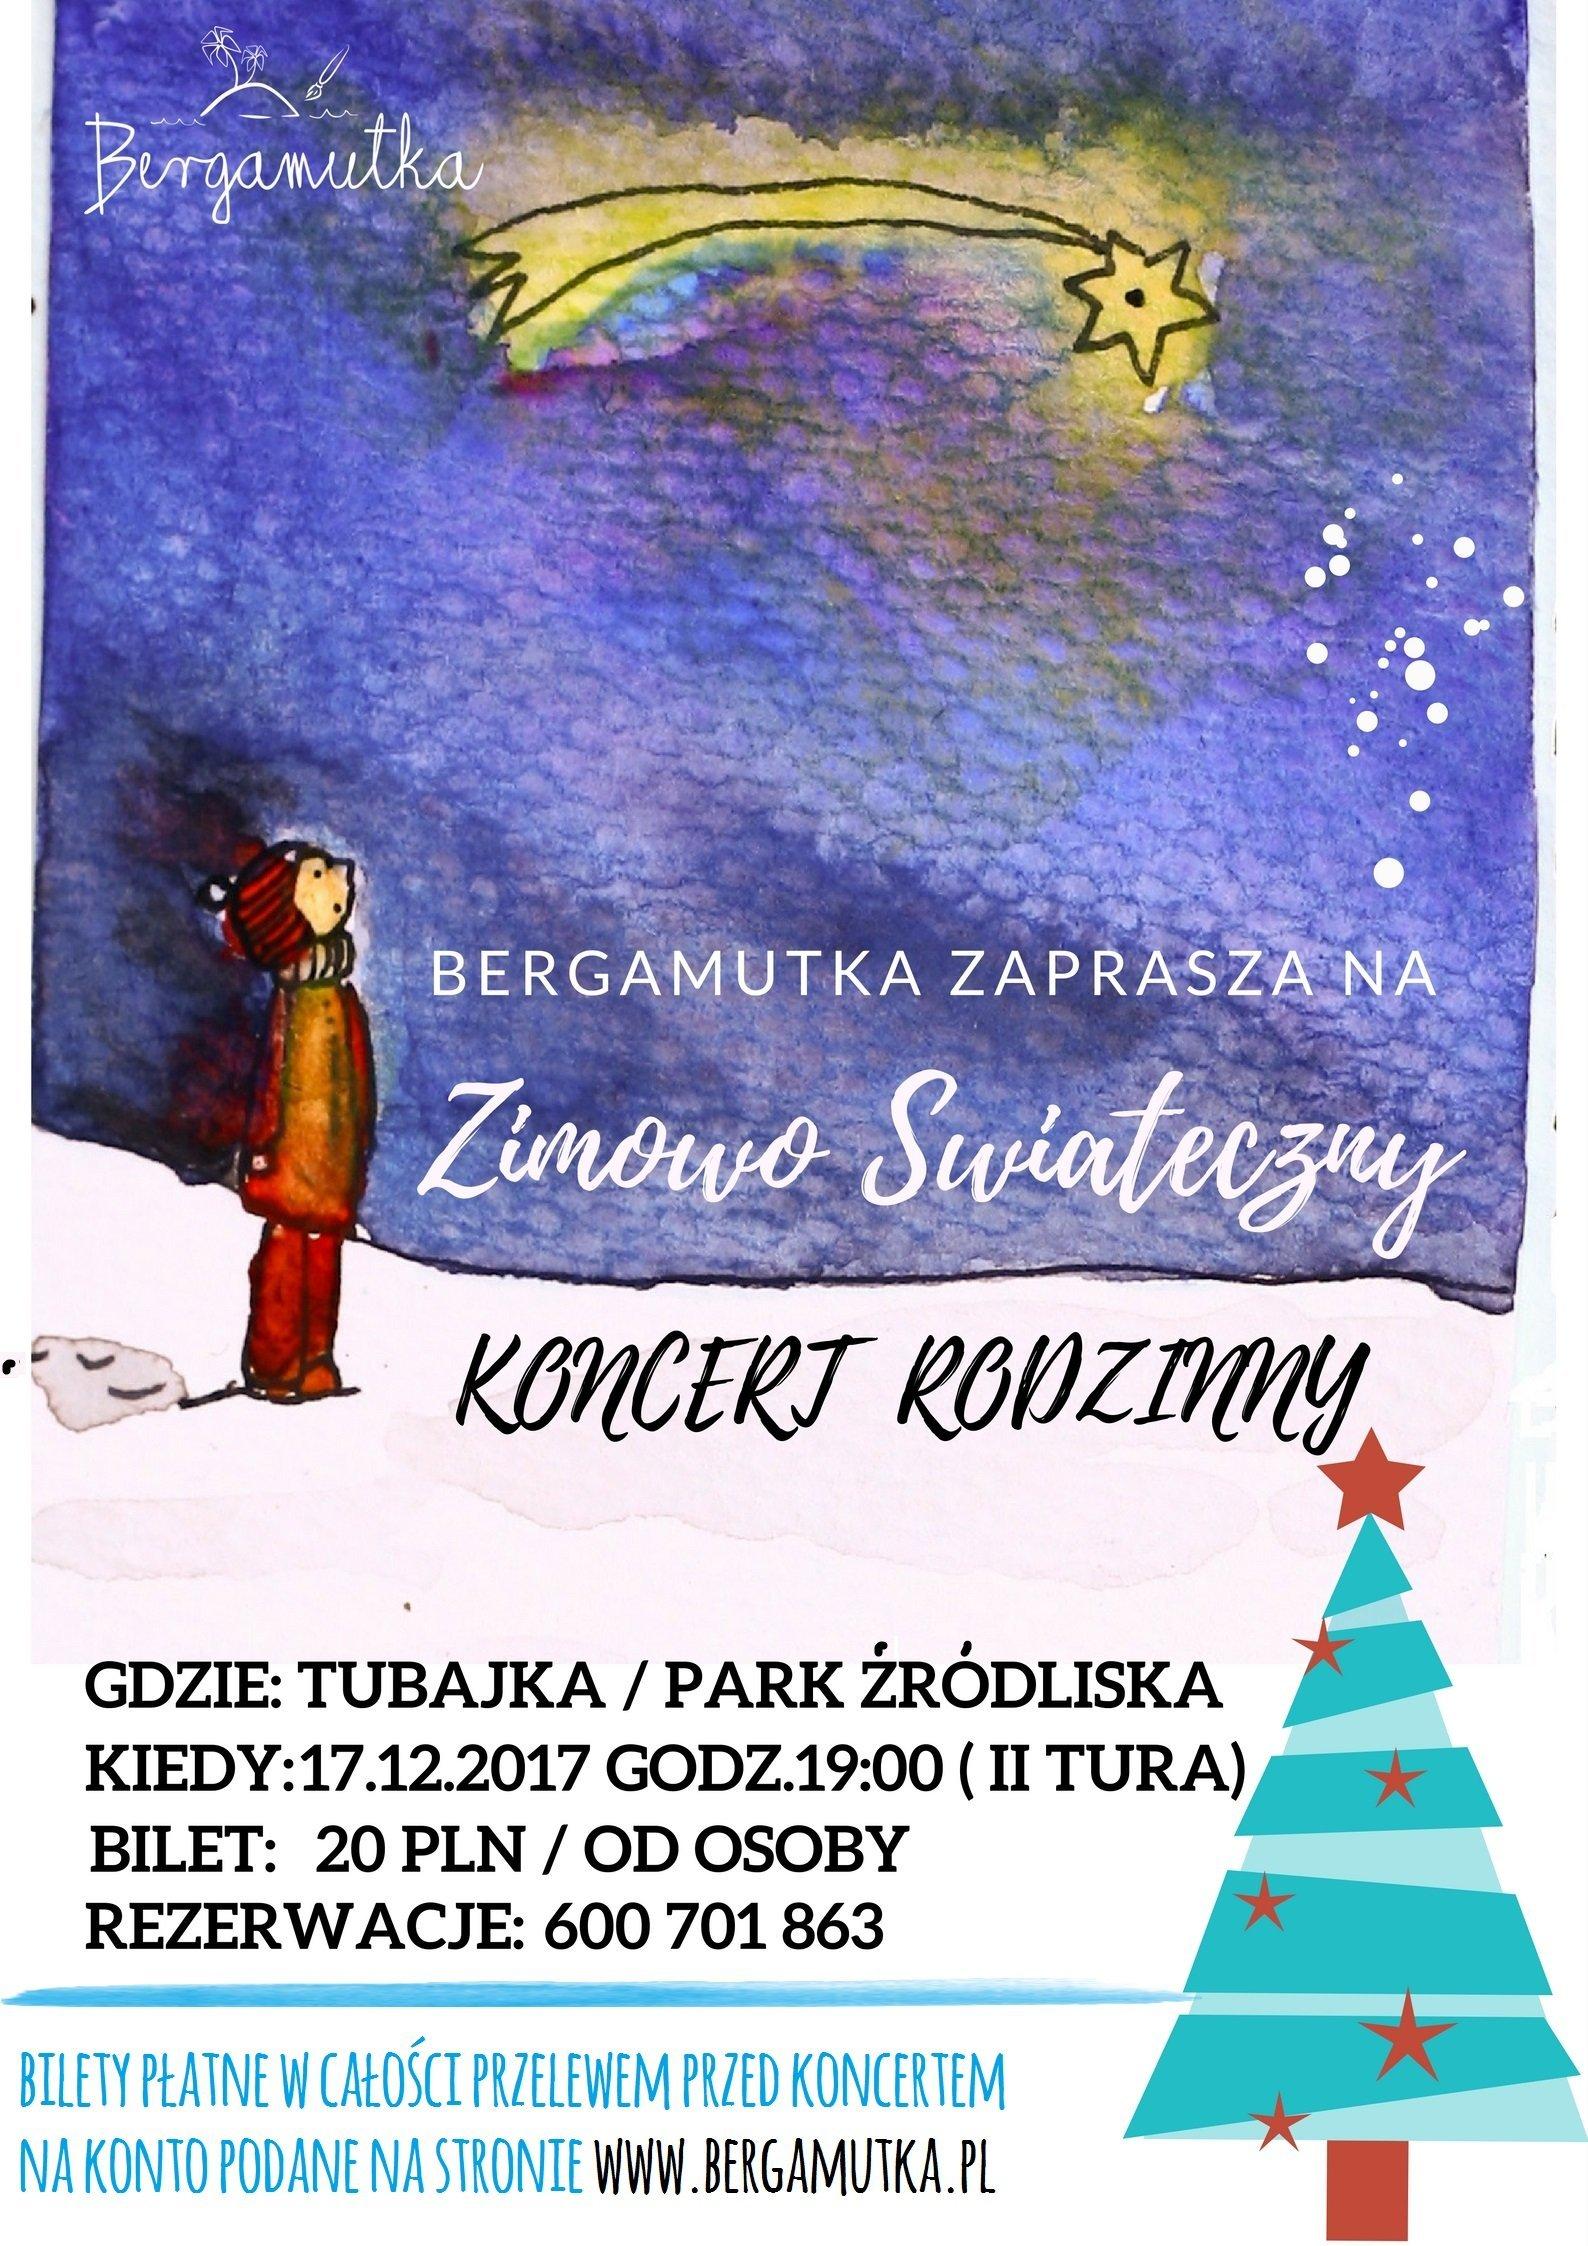 Koncert rodzinny świąteczno-zimowy z Bergamutką